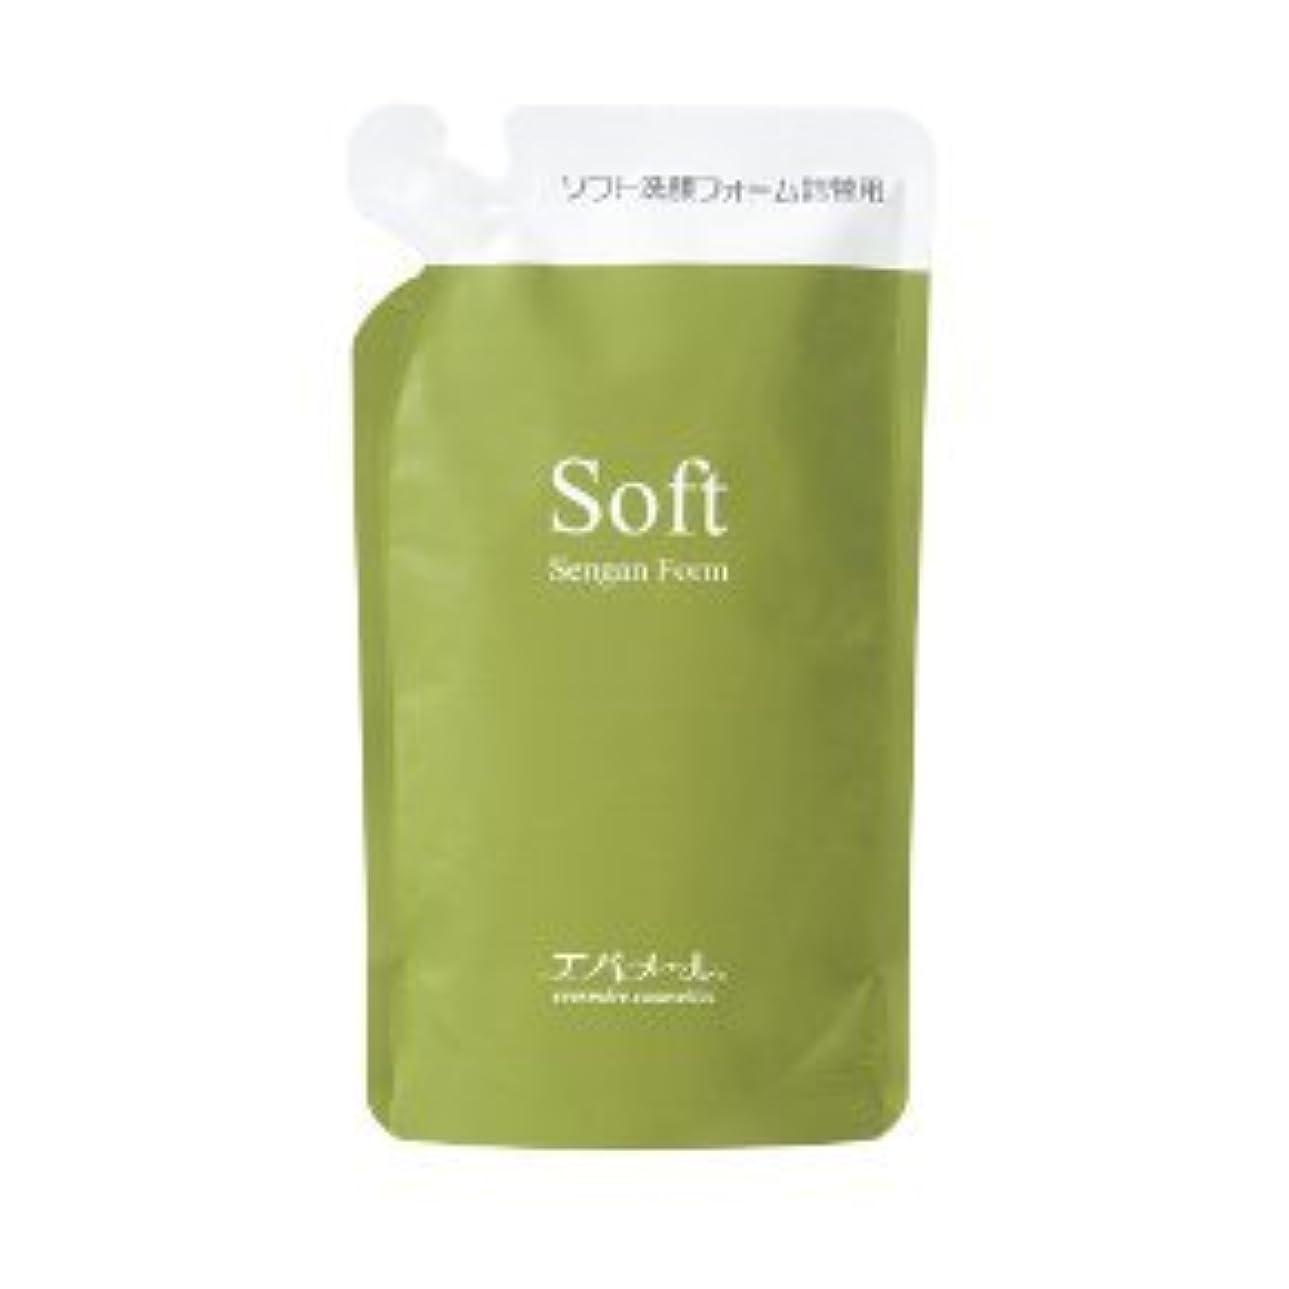 動員する広告する理想的エバメール ソフト洗顔フォーム 200ml レフィル